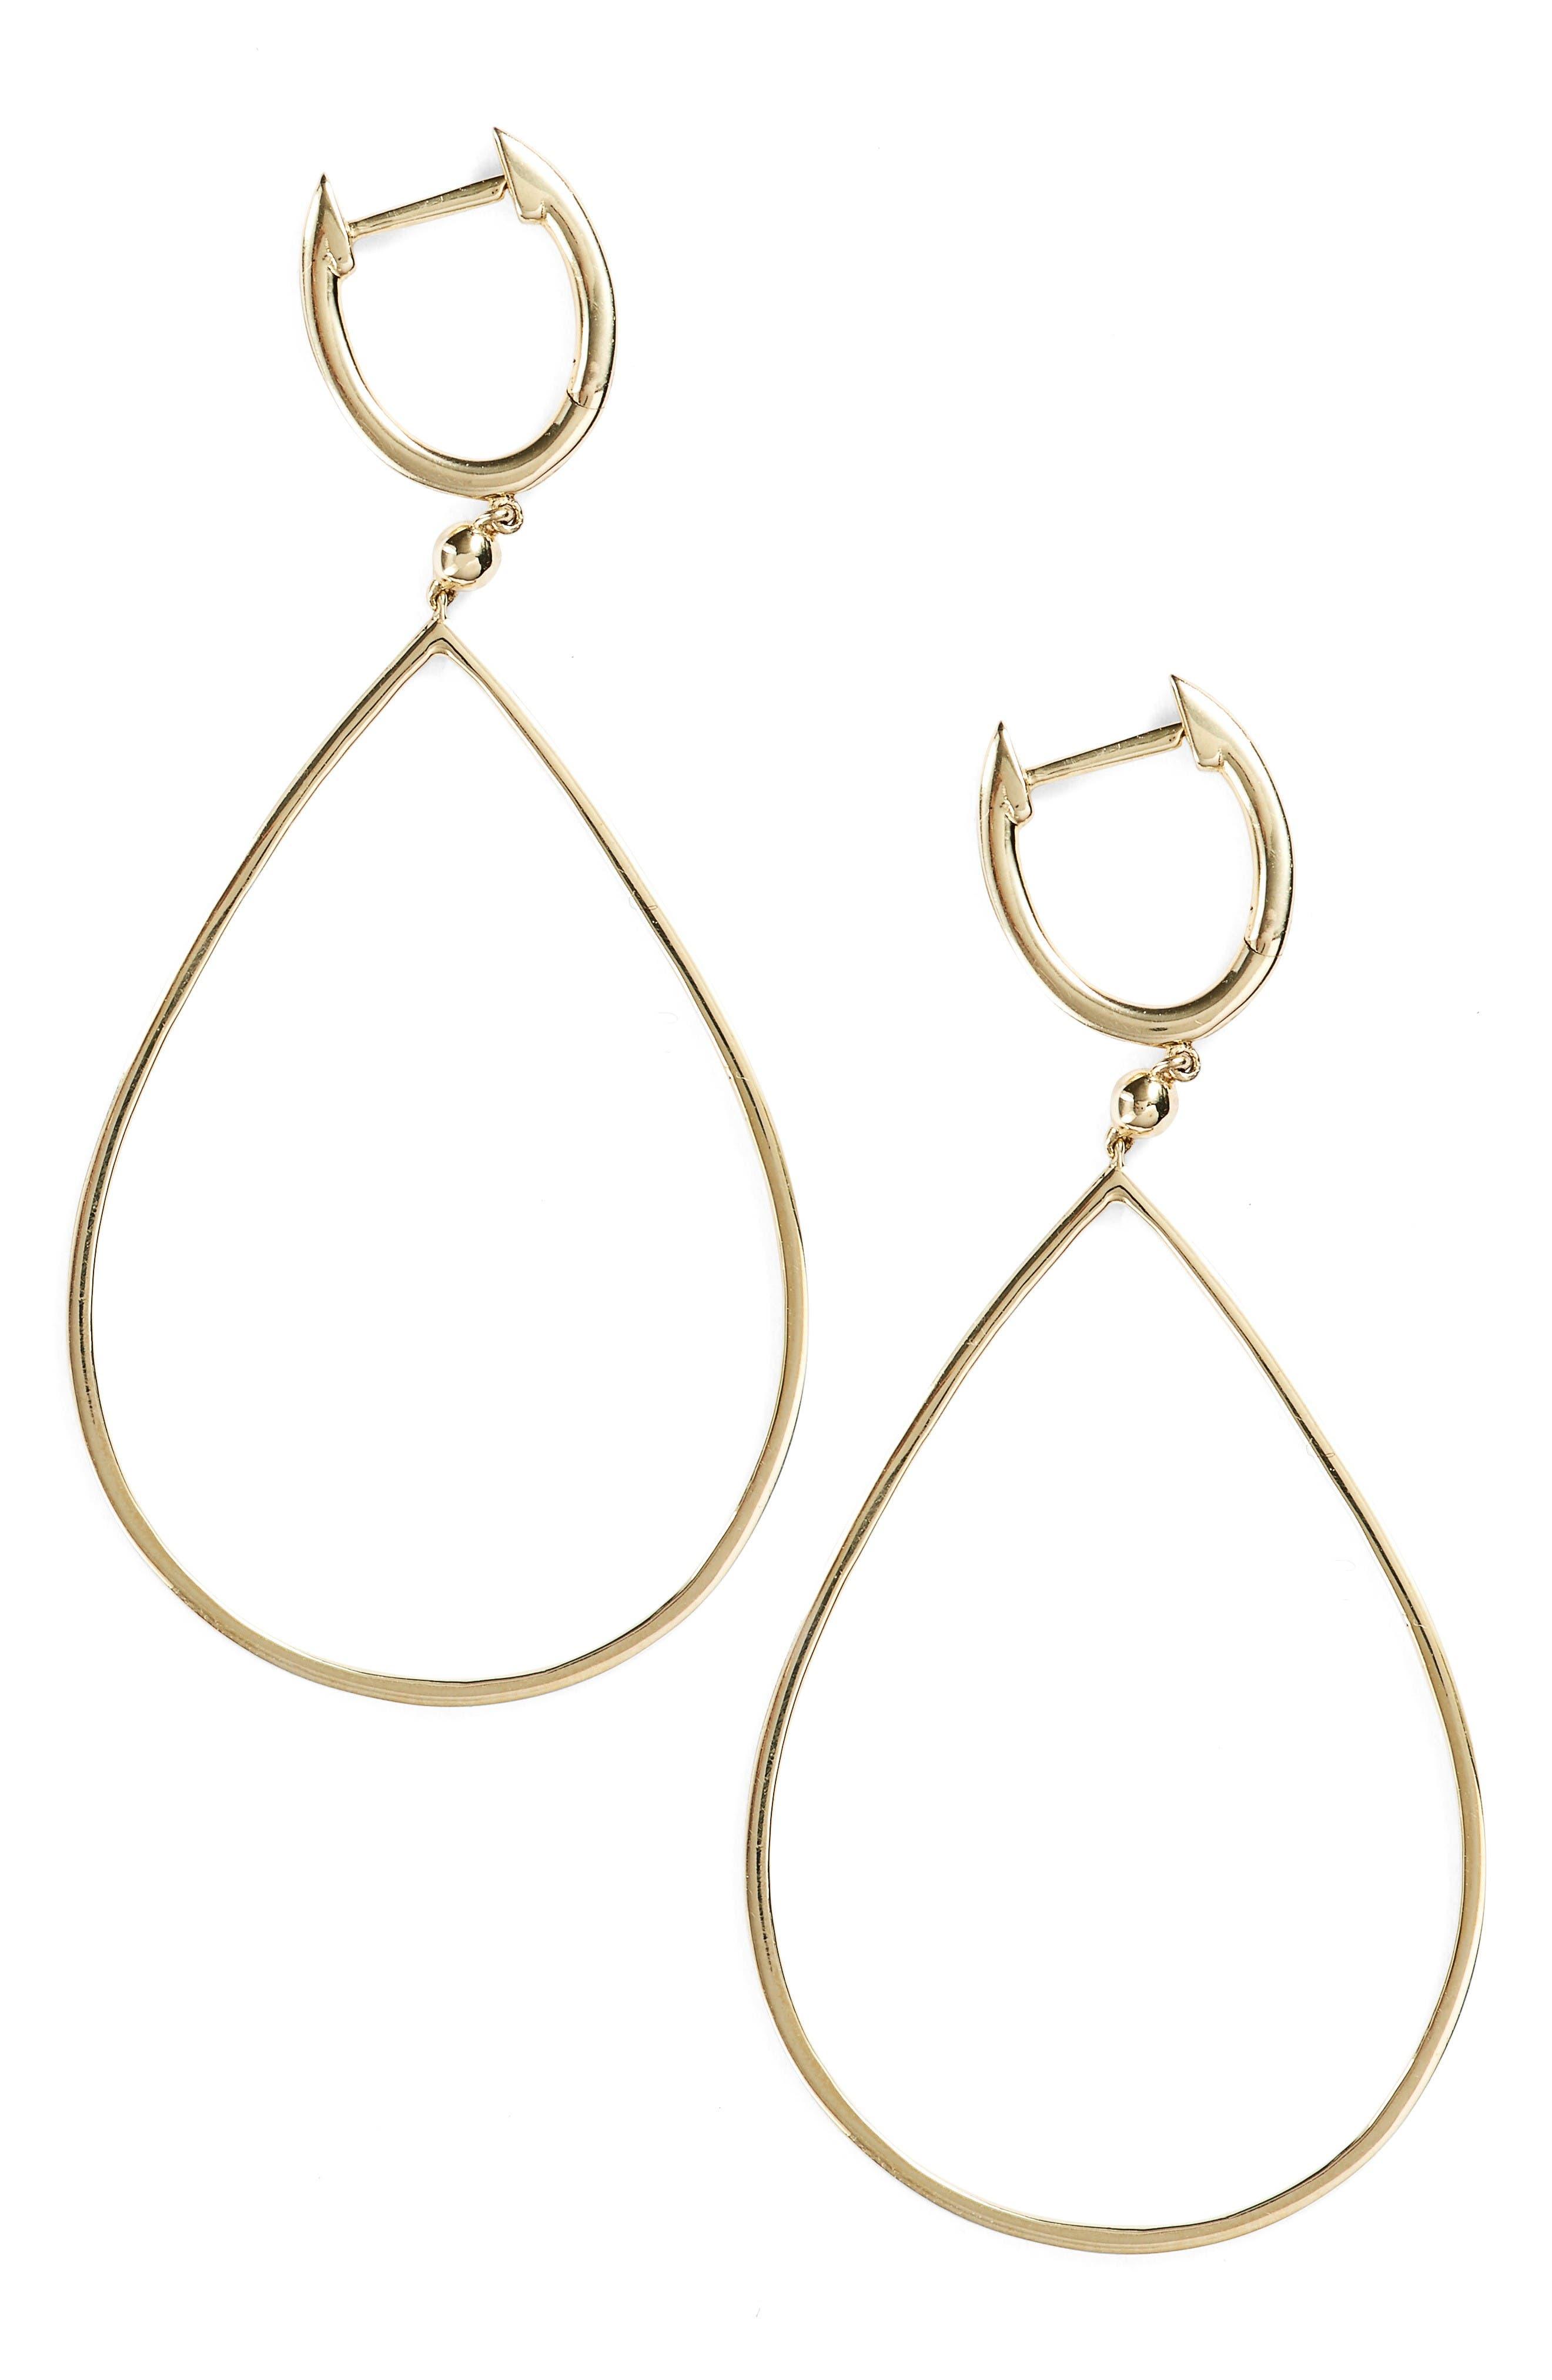 Alternate Image 1 Selected - Bony Levy Geo Teardrop Earrings (Nordstrom Exclusive)